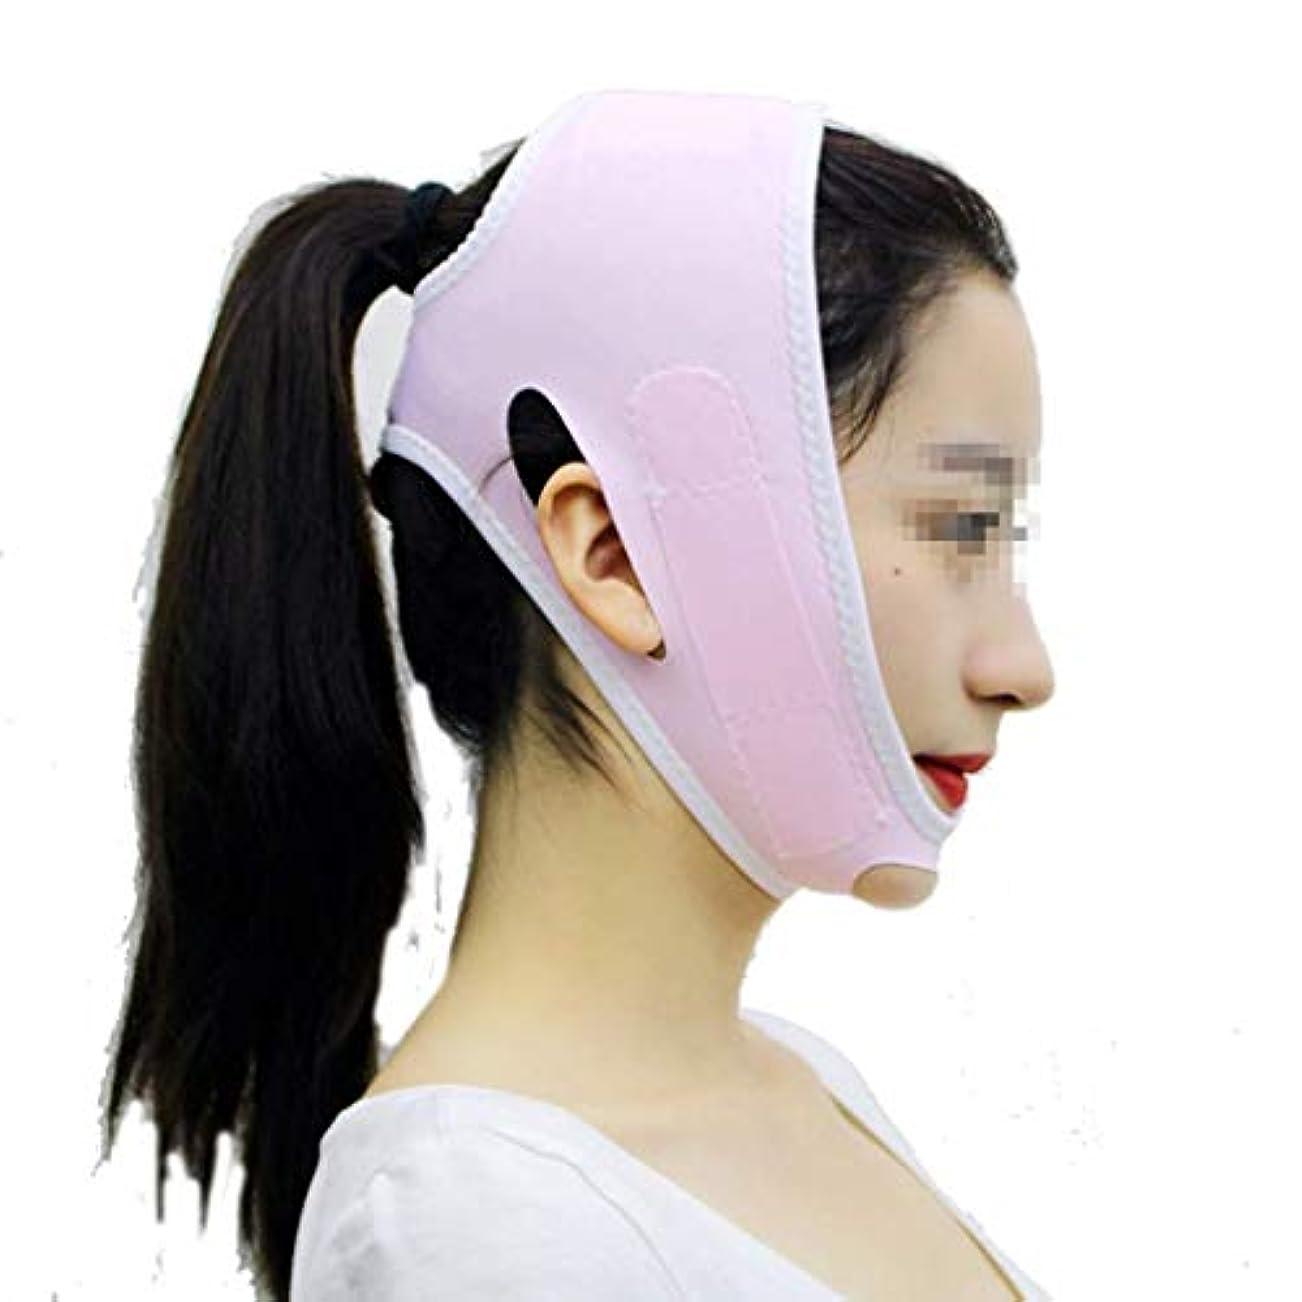 る含める不健康美容包帯、Vフェイス睡眠薄いフェイスマスクライン彫刻回復フードリフティング引き締めフェイスダブルチンマスクマルチカラーオプション(カラー:ピンク),ピンク